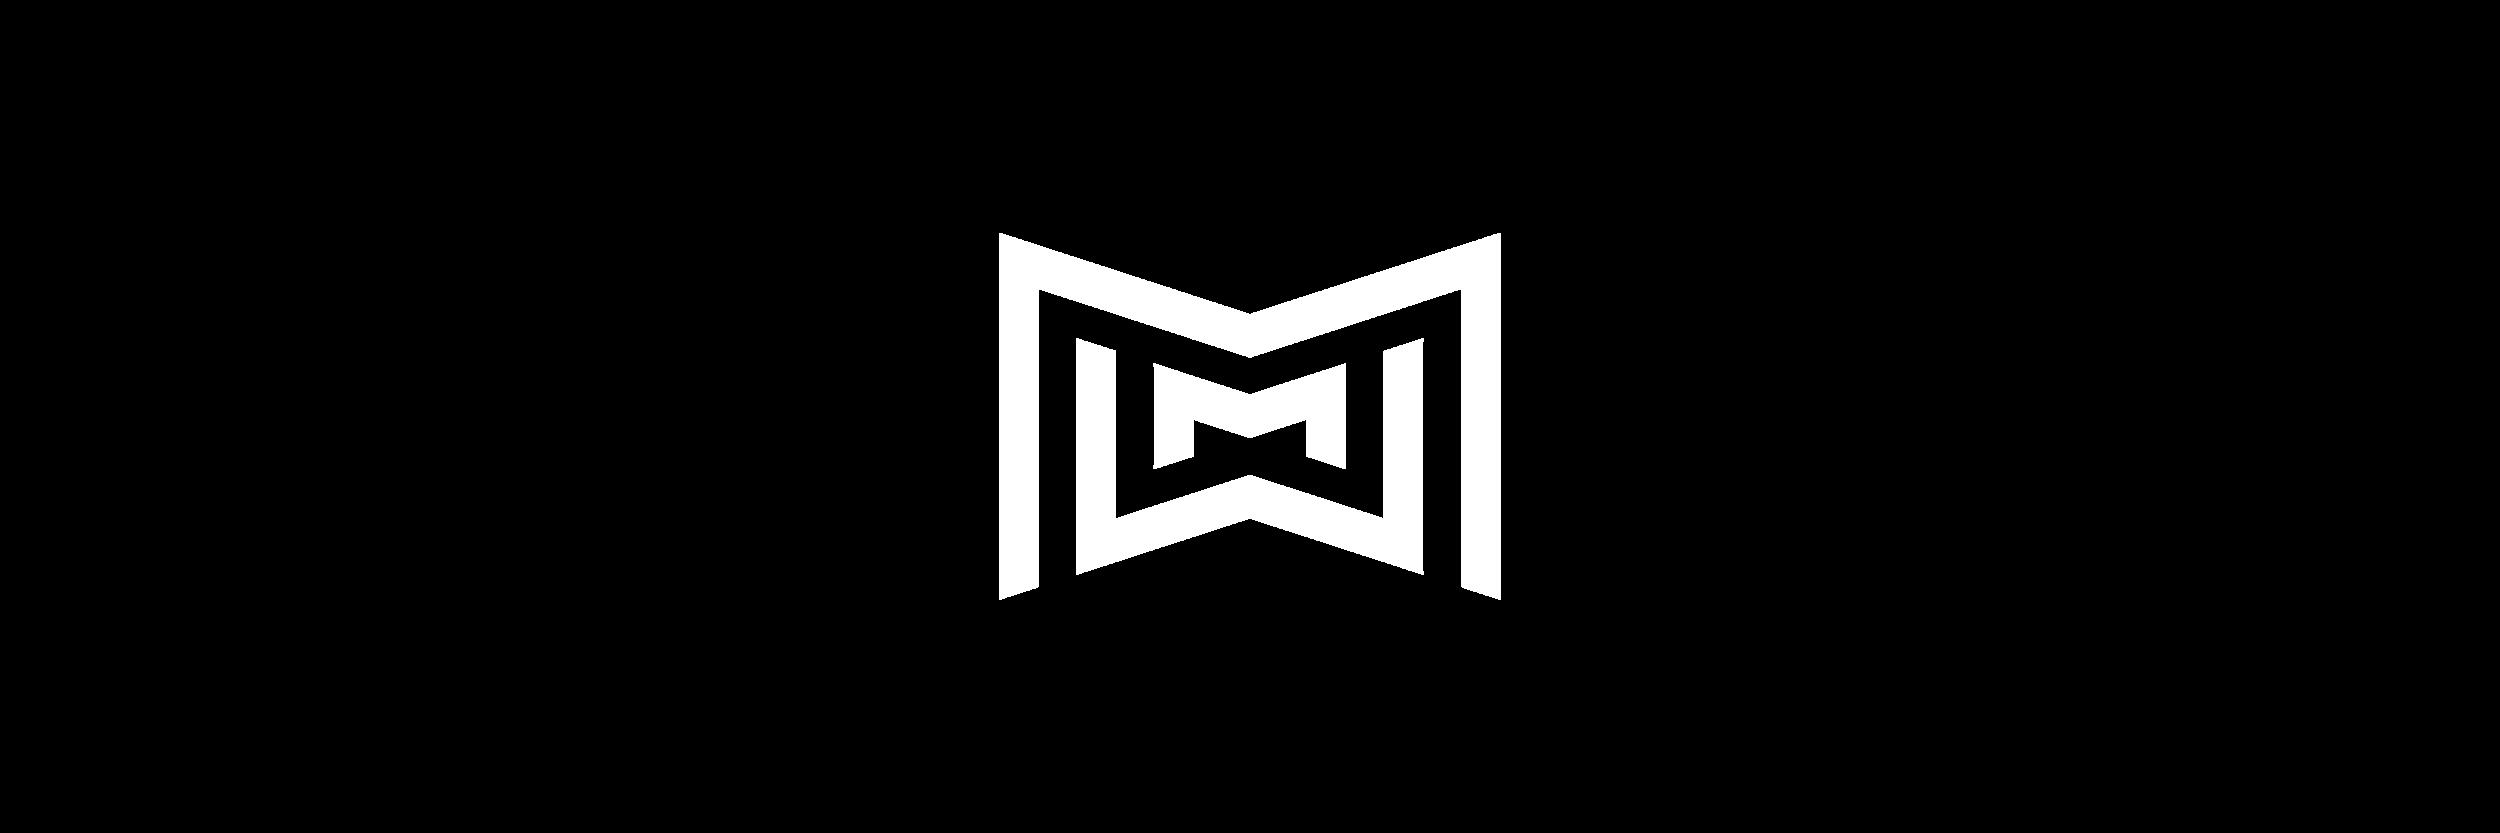 MWM 3x1 Logo - White on Trans copy.png